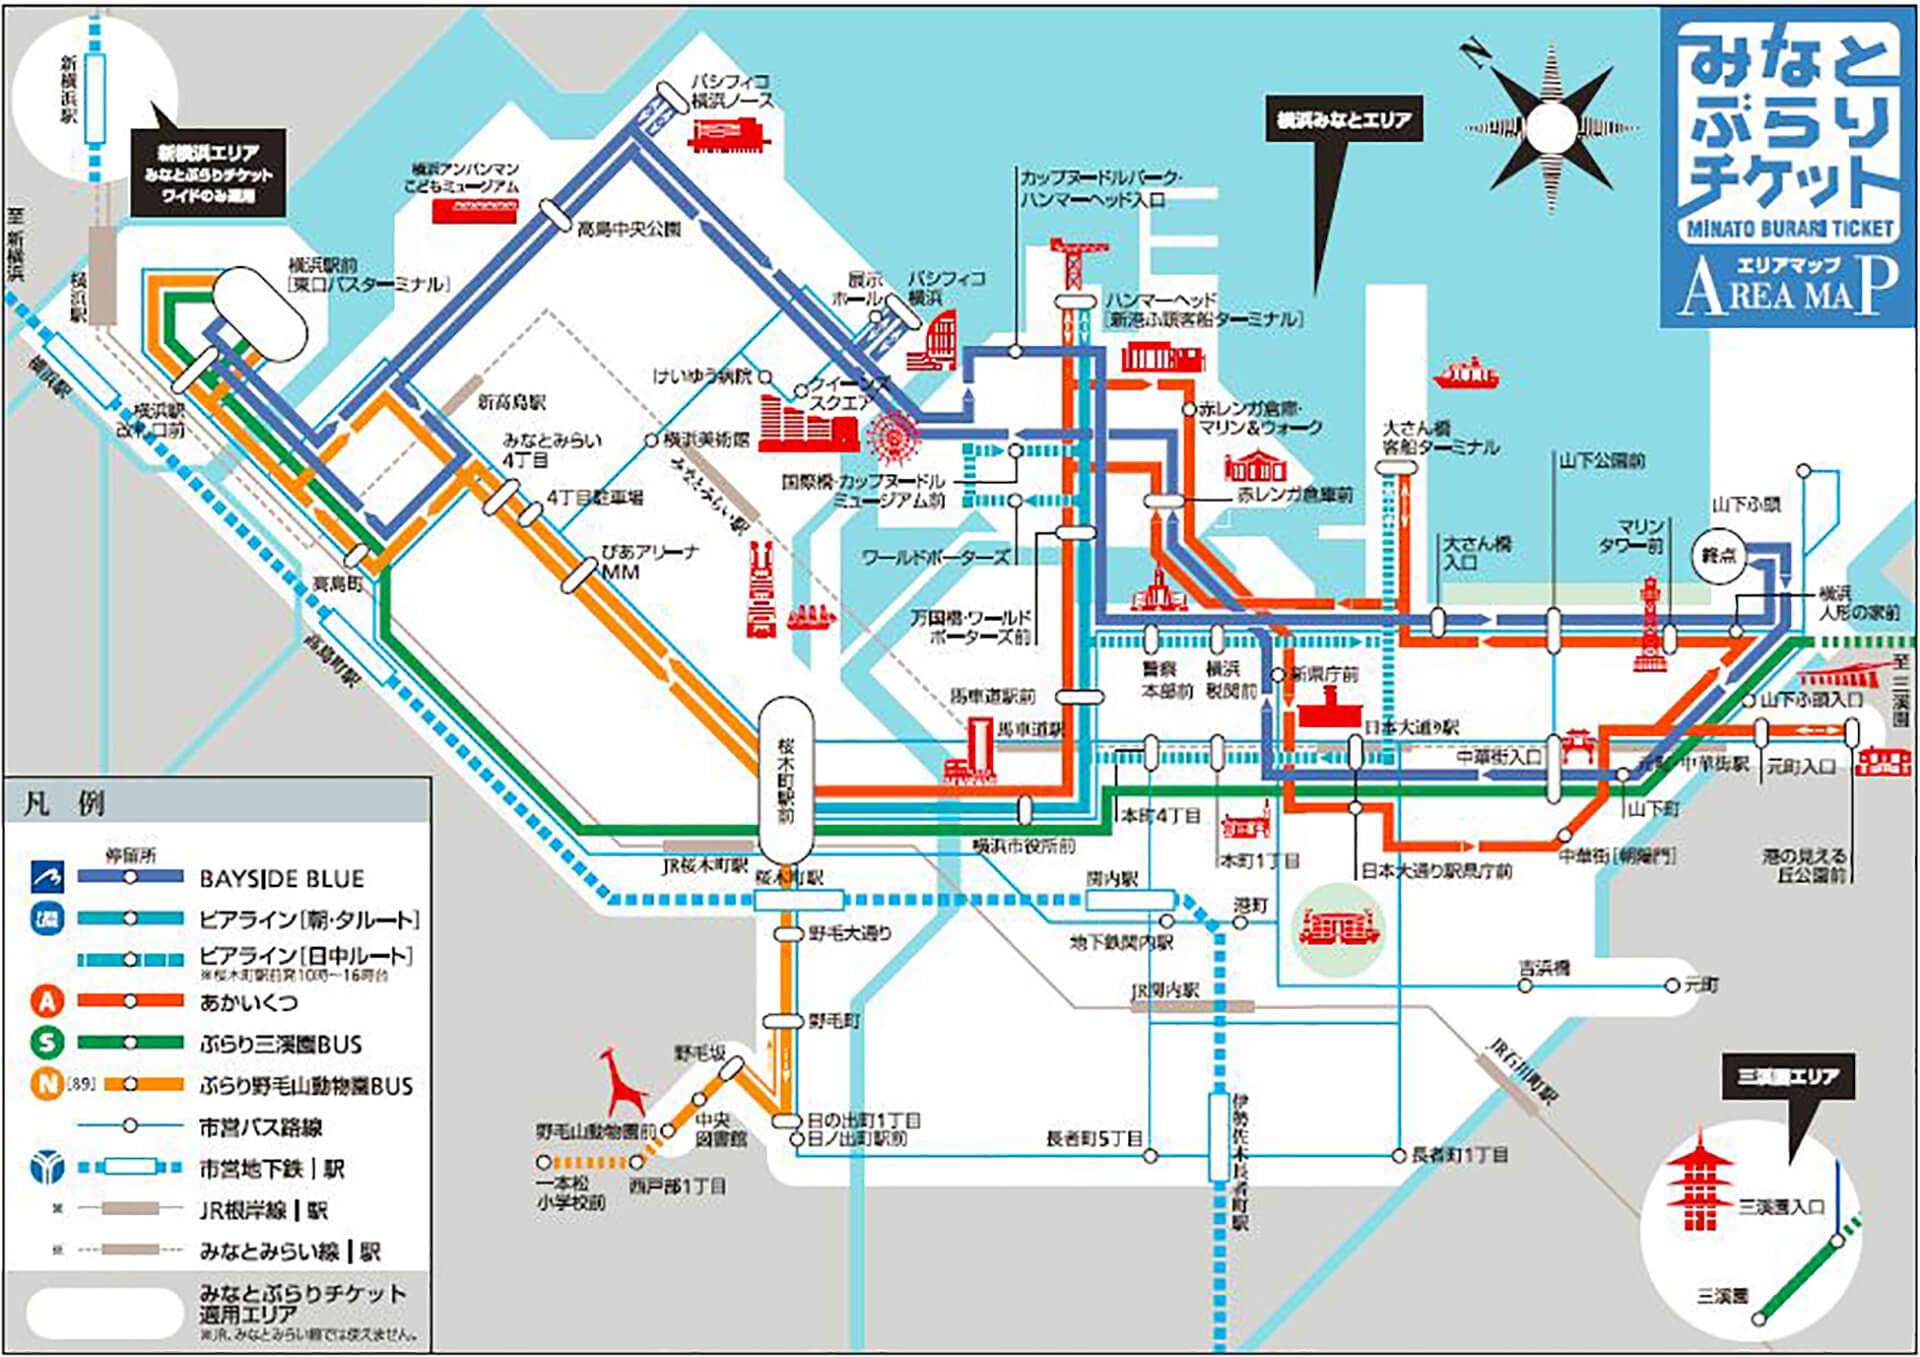 横濱ハイカラ バス旅きっぷ